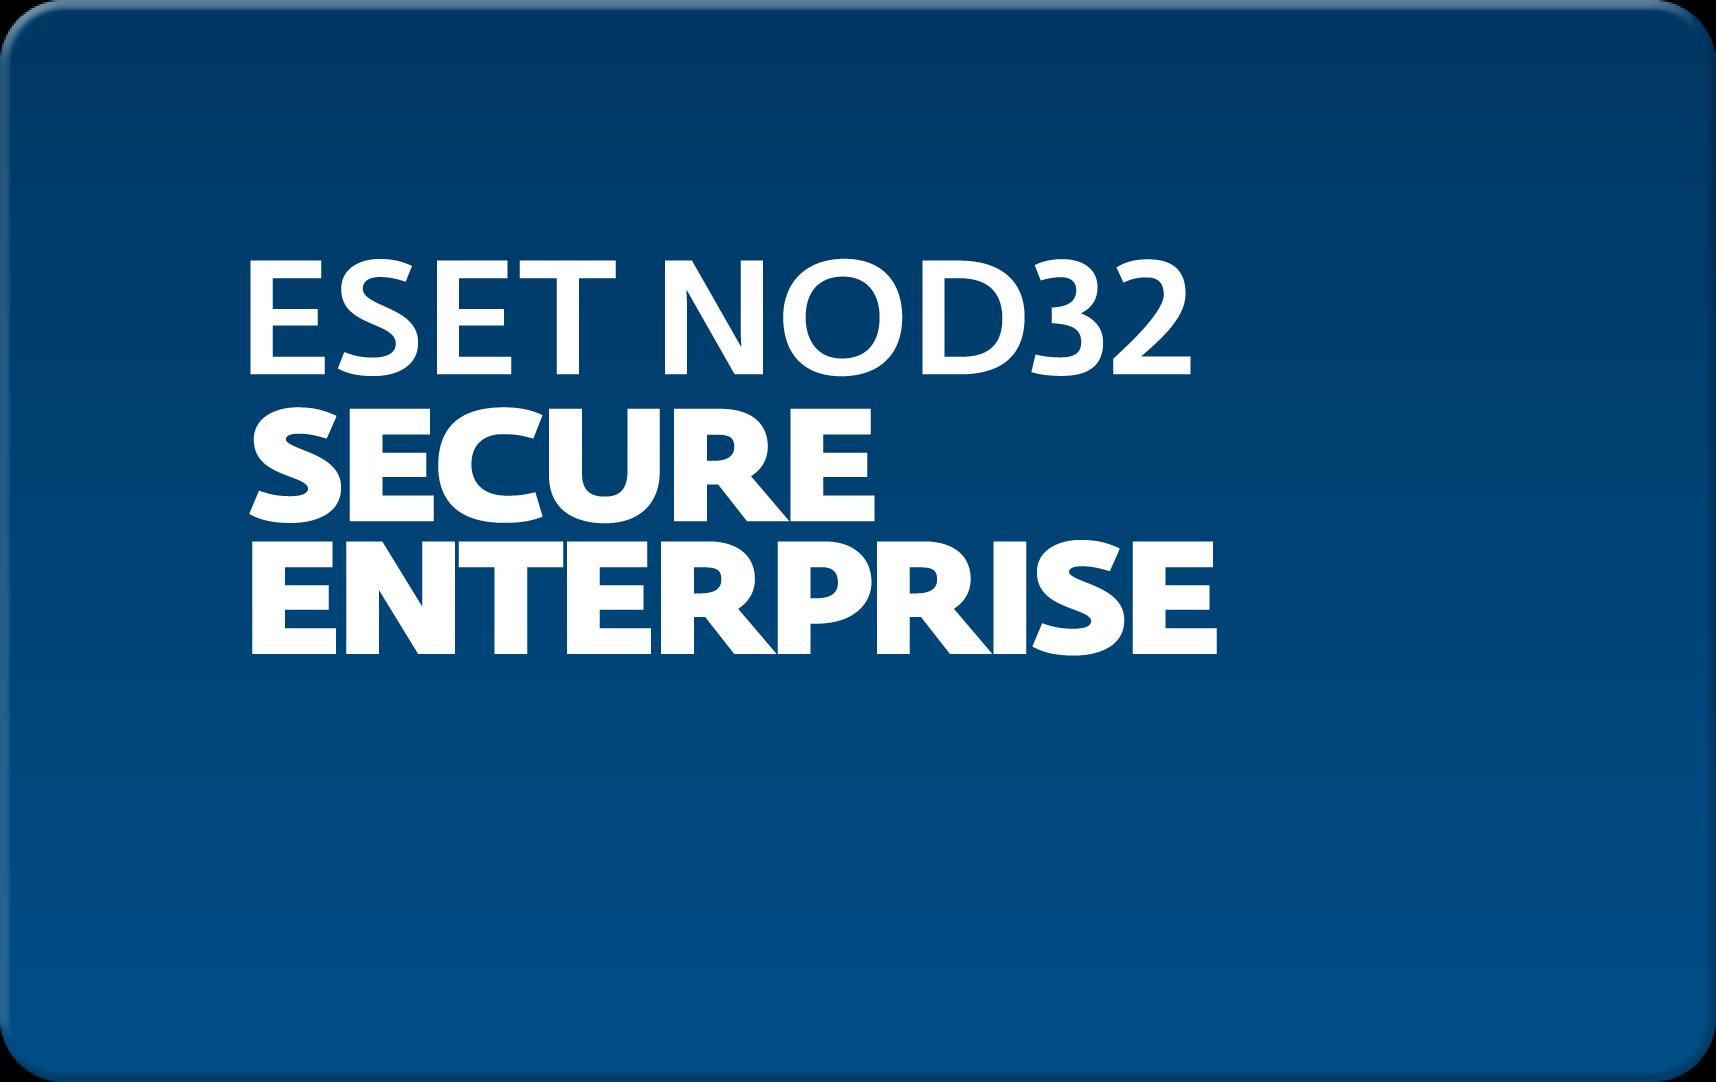 Кроссплатформенная антивирусная защита всех узлов корпоративной сети ESET Eset NOD32 Secure Enterprise  для 28 пользователей